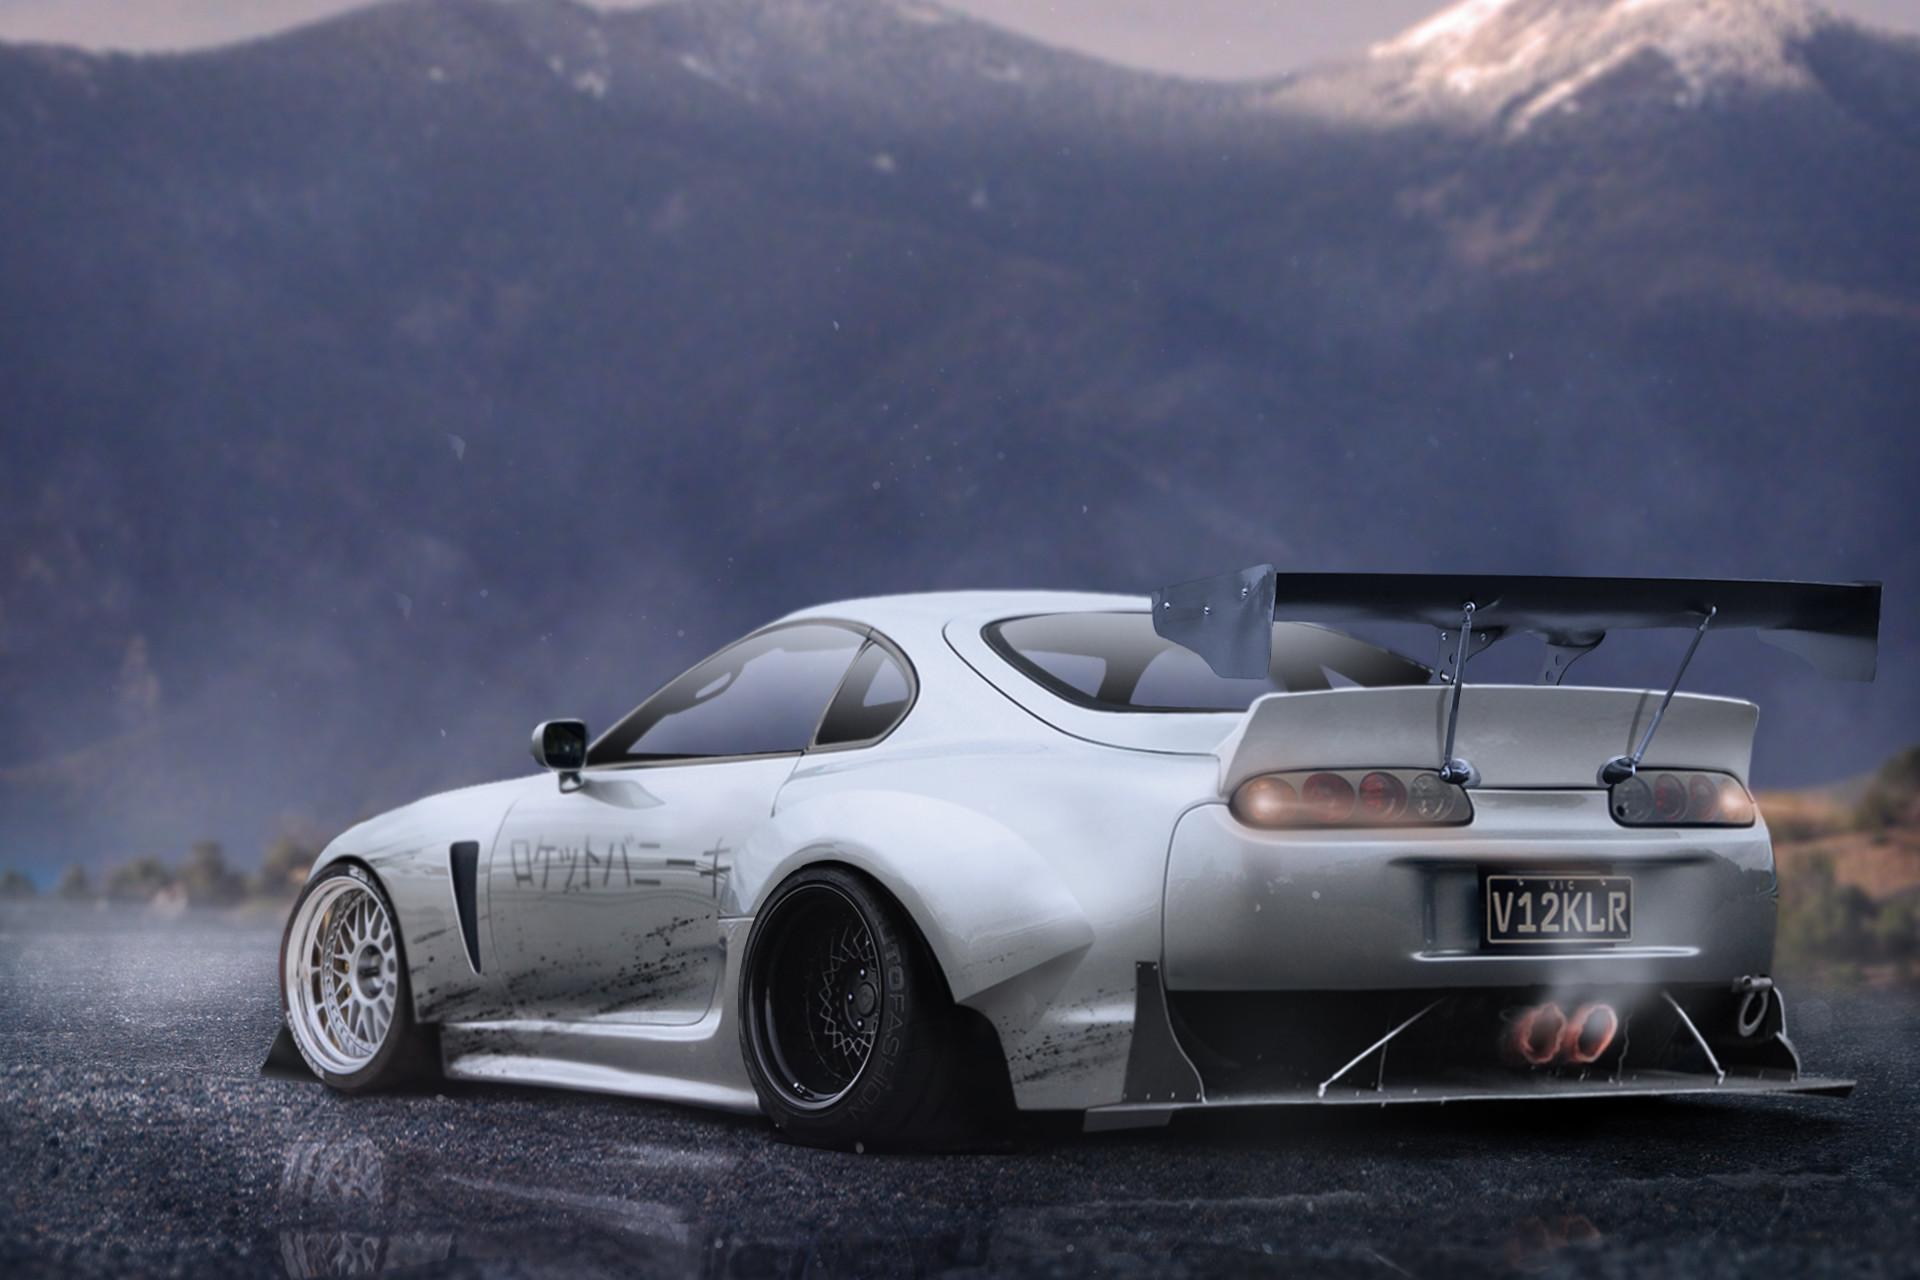 ArtStation - Rocket Bunny Toyota Supra, Matt McQuiggan